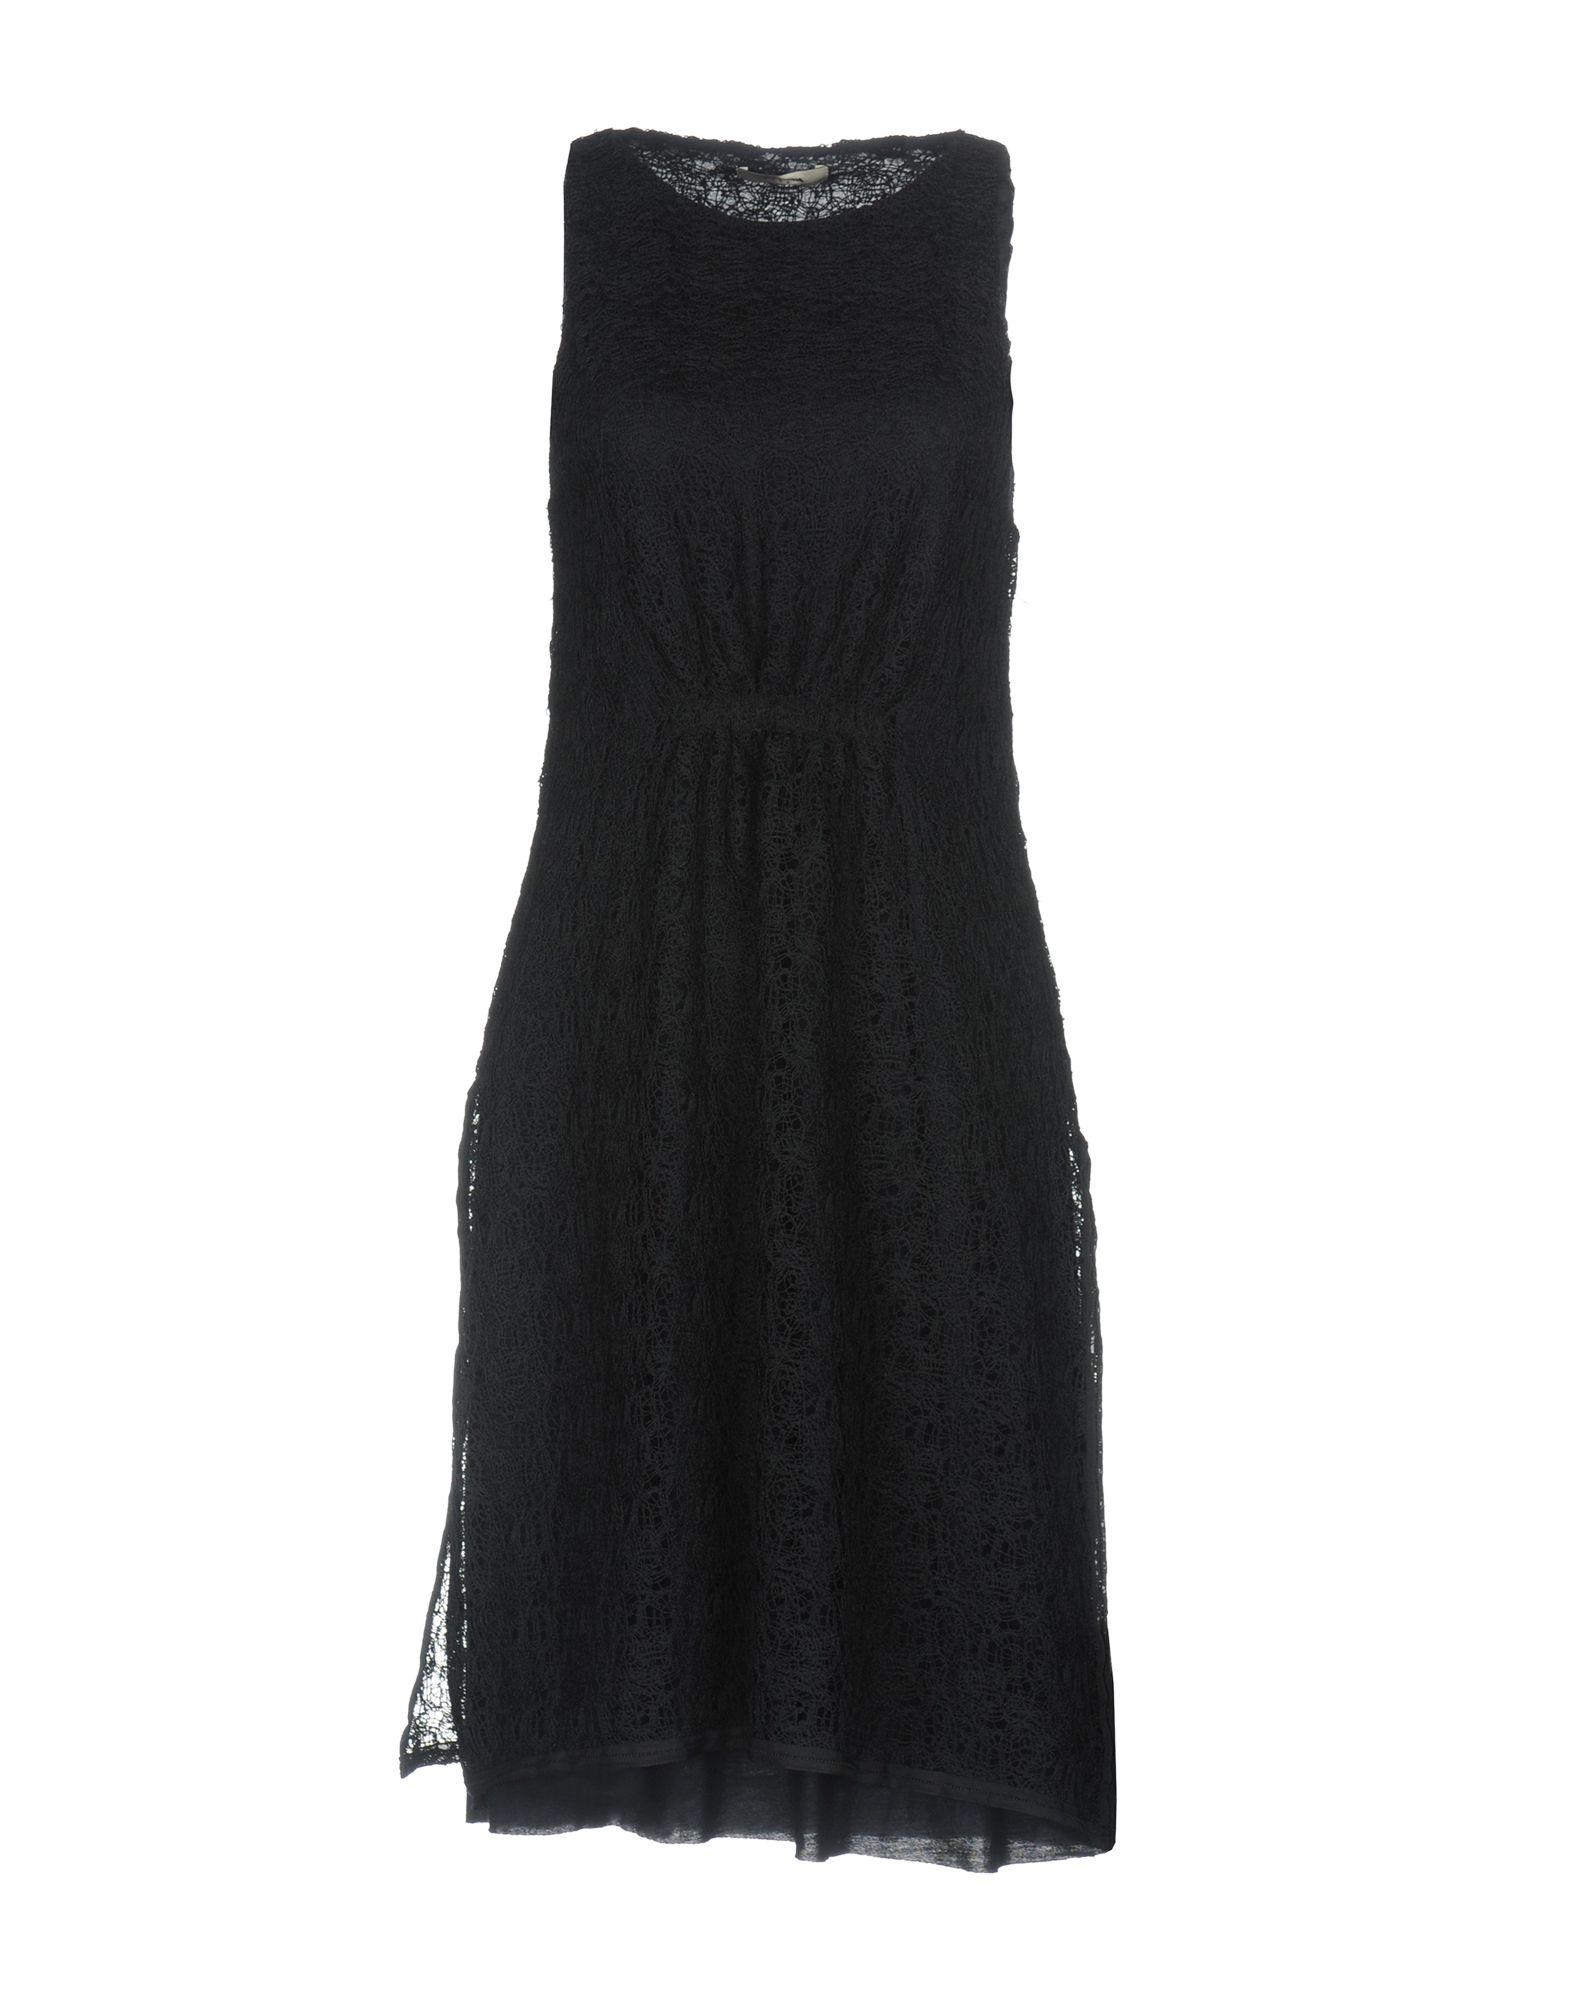 ALPHA STUDIO Damen Kurzes Kleid Farbe Dunkelblau Größe 6 jetztbilligerkaufen